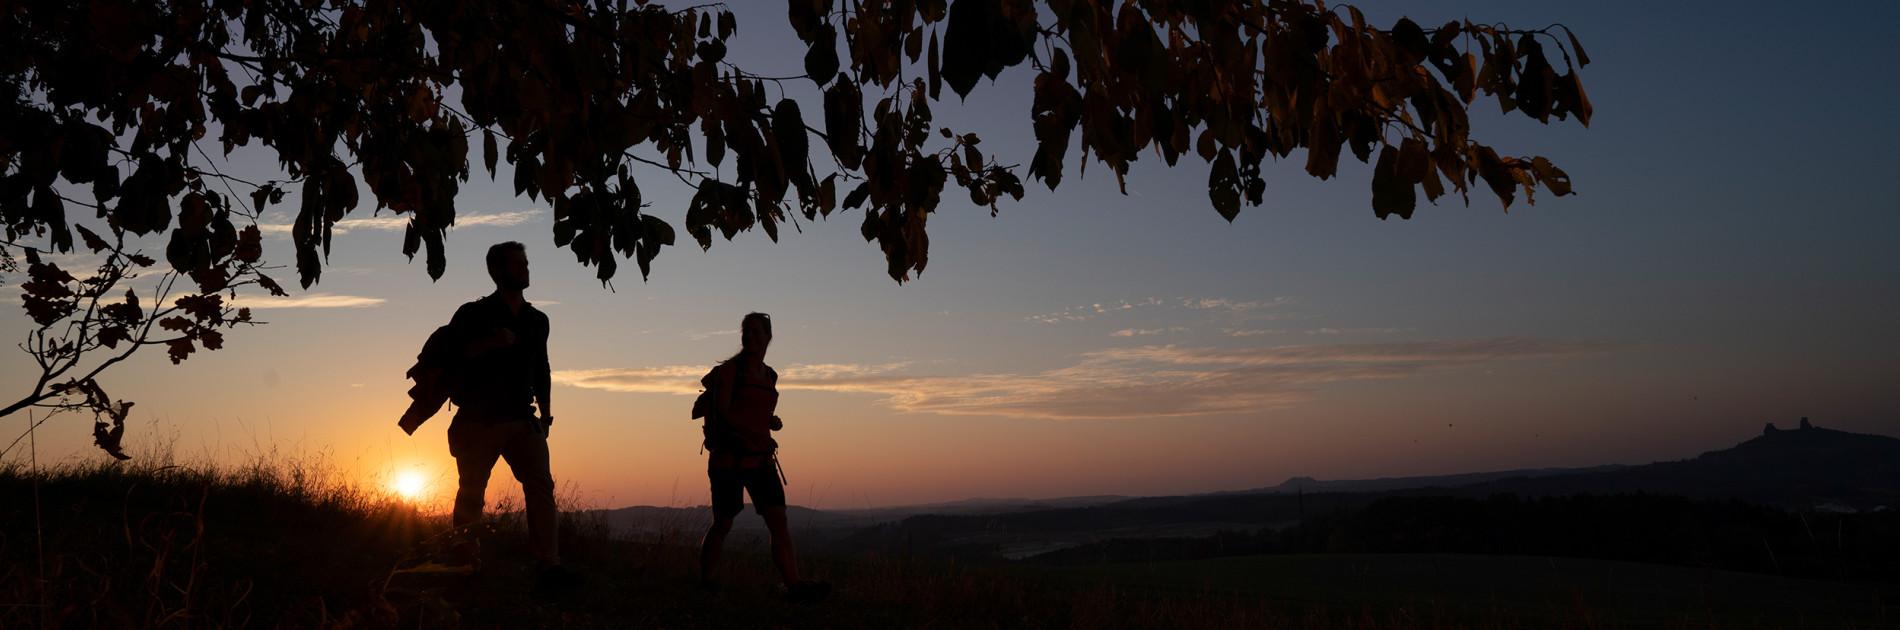 Wanderszene bei Mladejov, Tschechien.